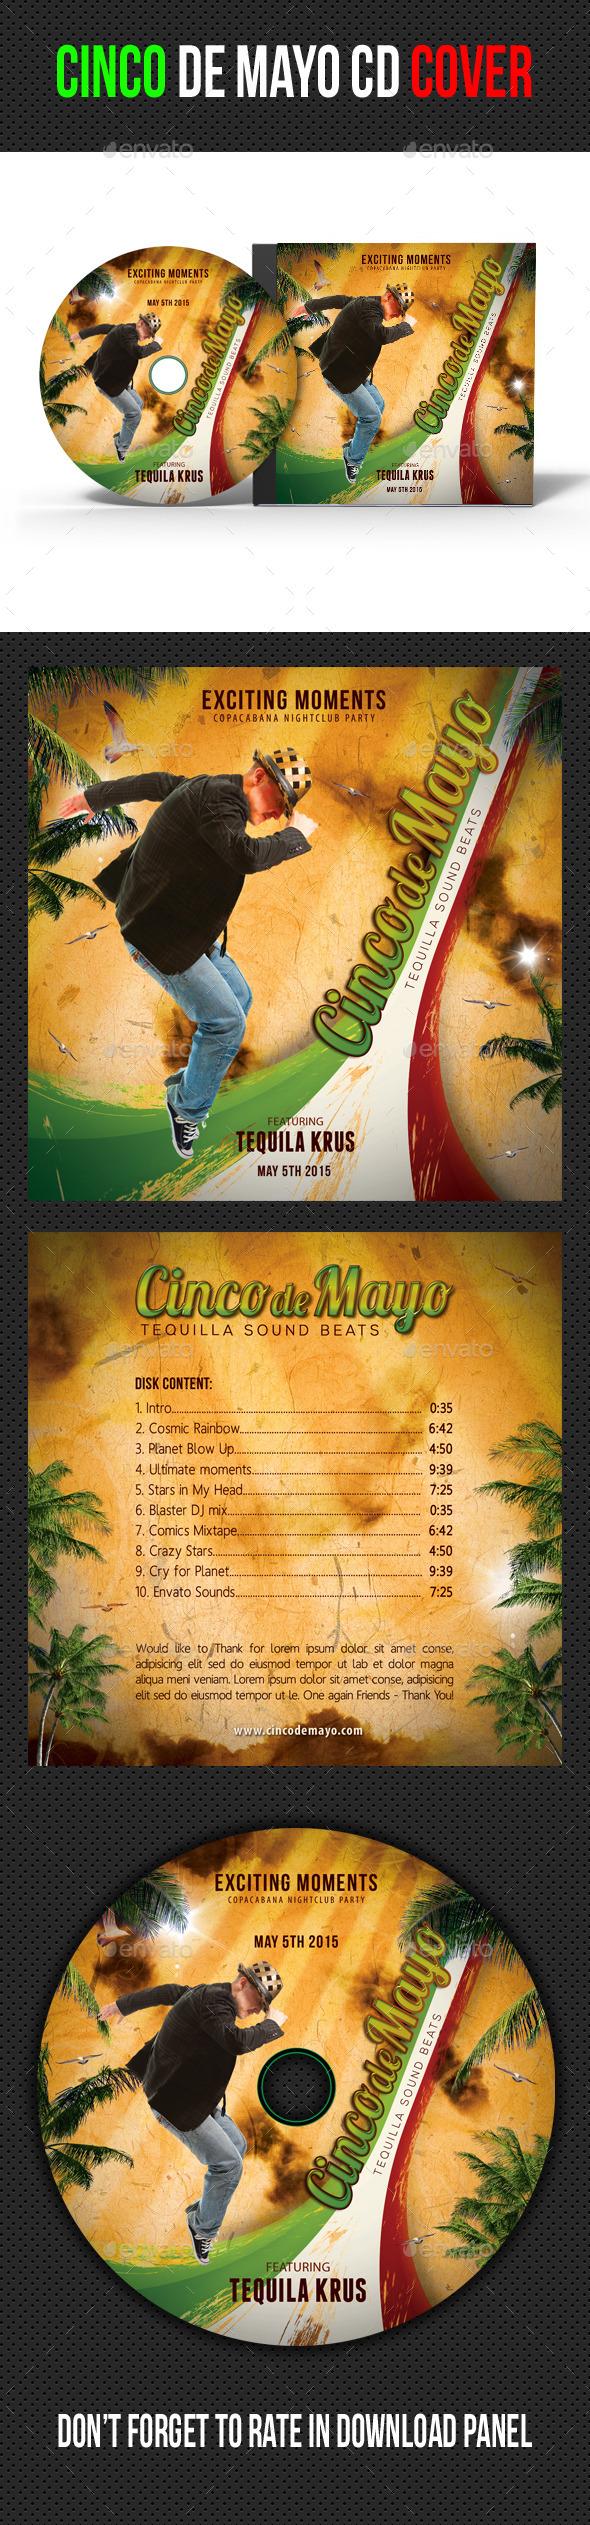 GraphicRiver Cinco de Mayo CD Cover Artwork 11010460